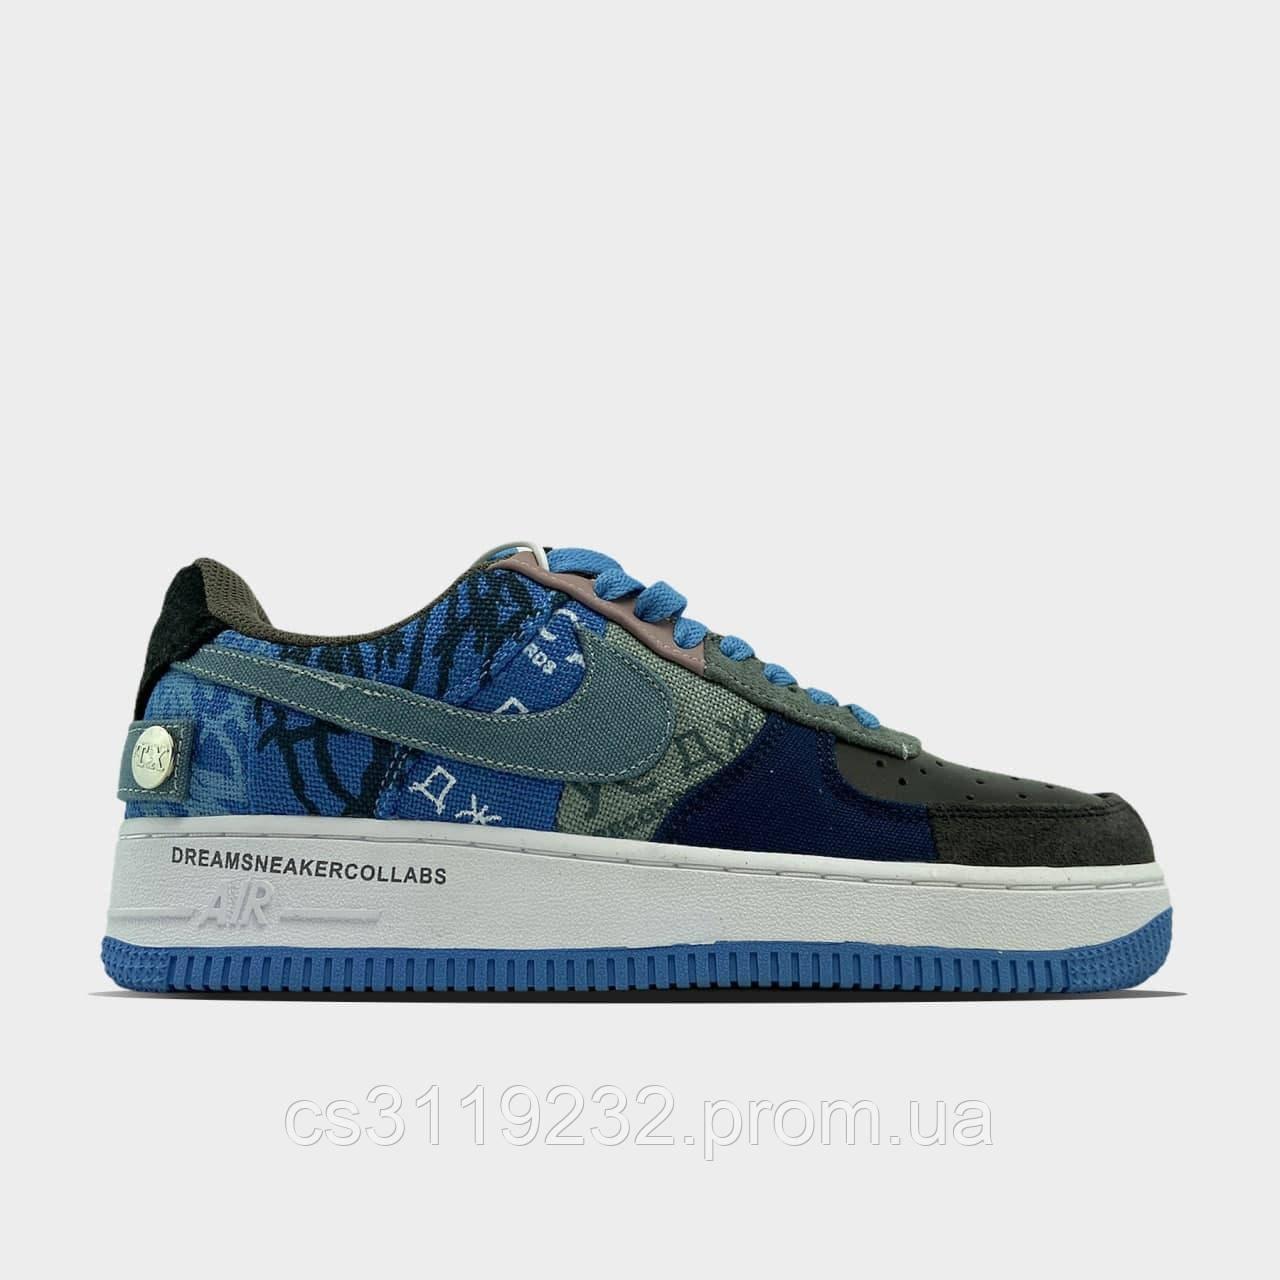 Мужские кроссовки Nike Air Force 1 Low Travis Scott Blue(голубые)